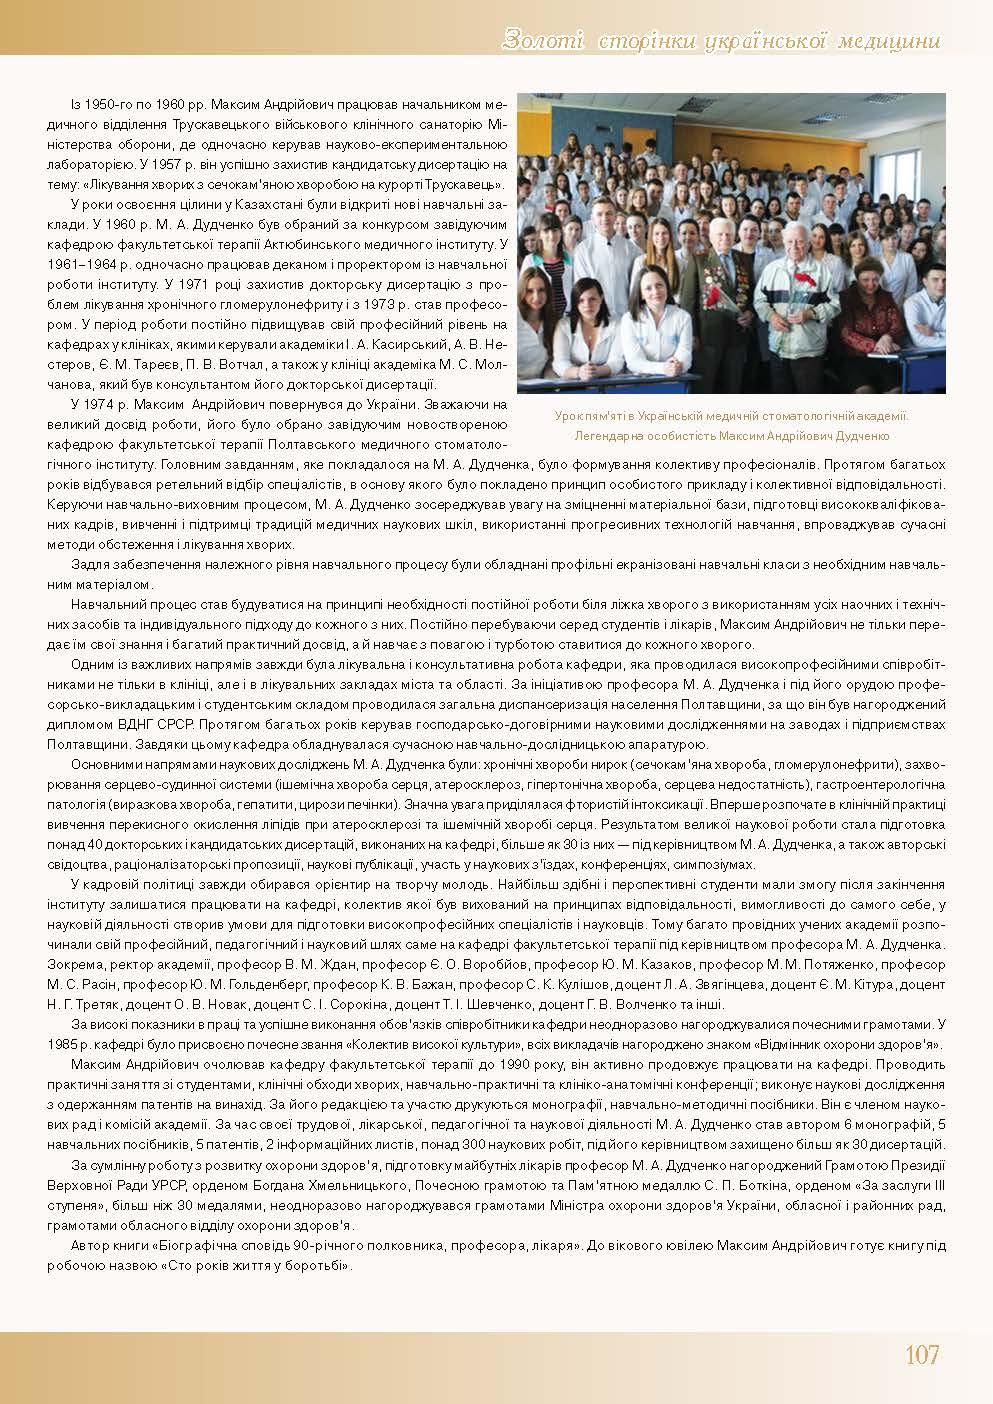 Медична династія Дудченків